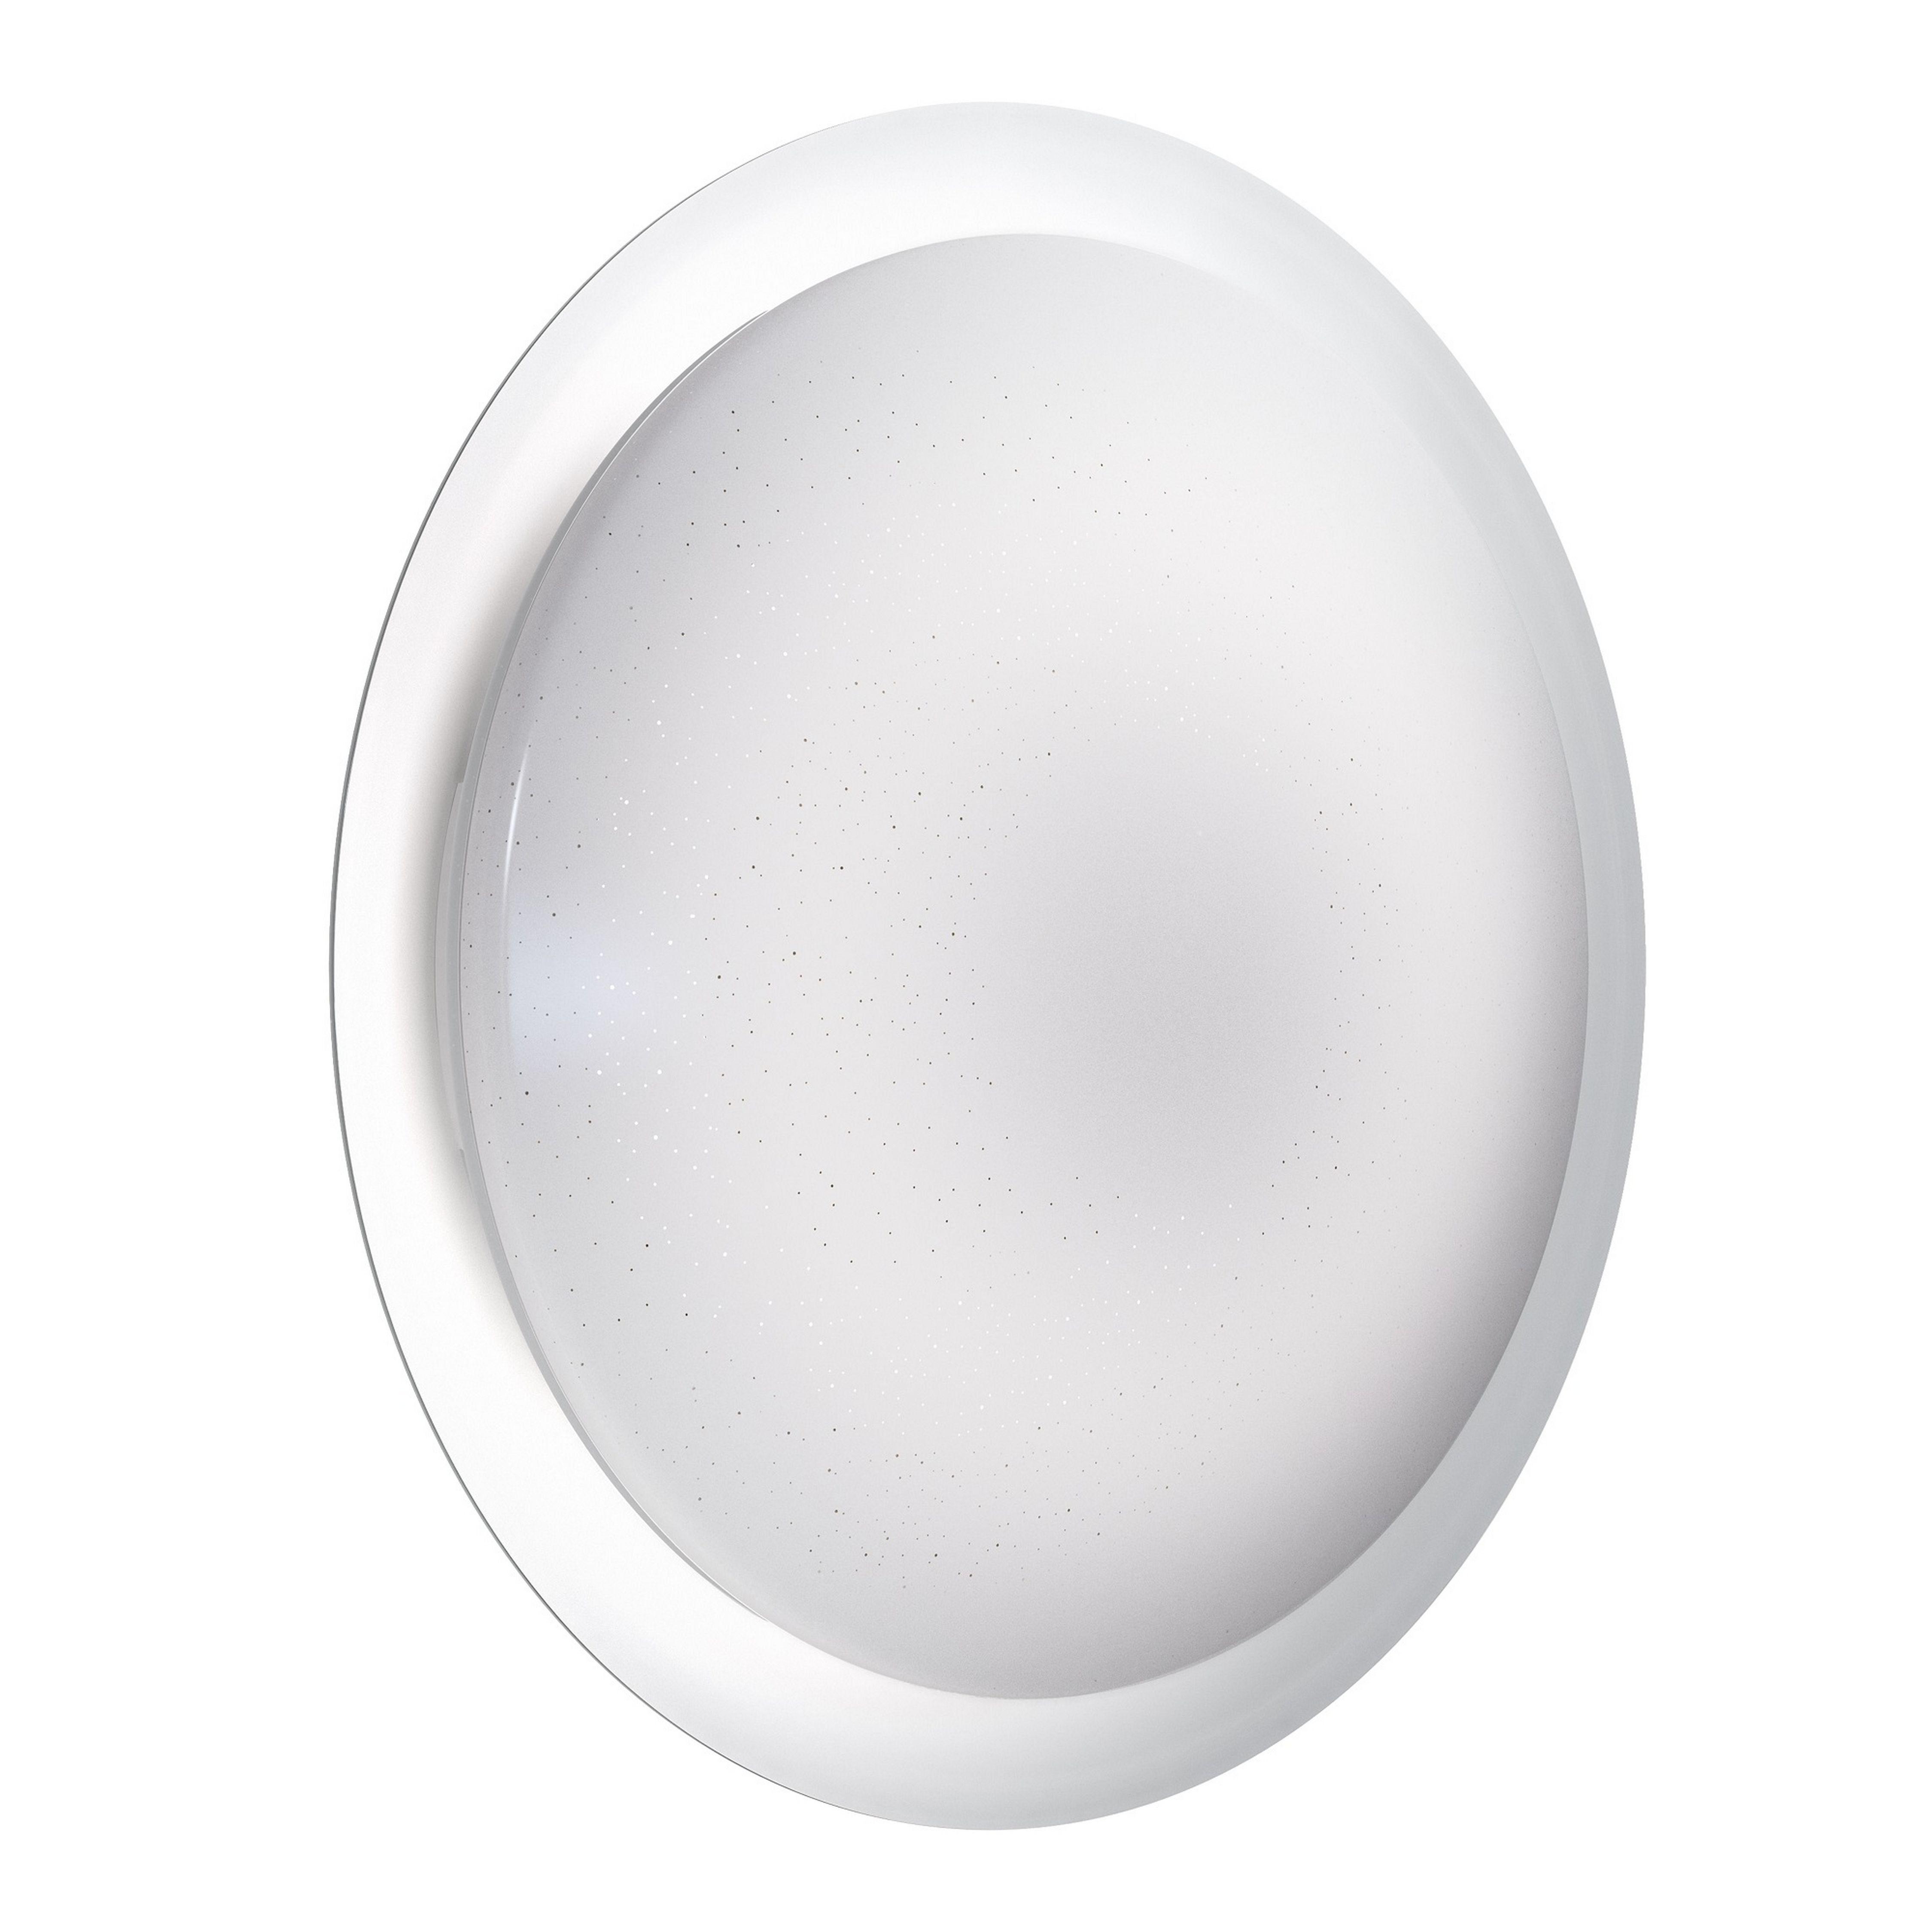 Osram LED-Wand- und Deckenleuchte, dimmbar »SILARA SPARKLE 500 28 W 827-865 Remote-CCT«